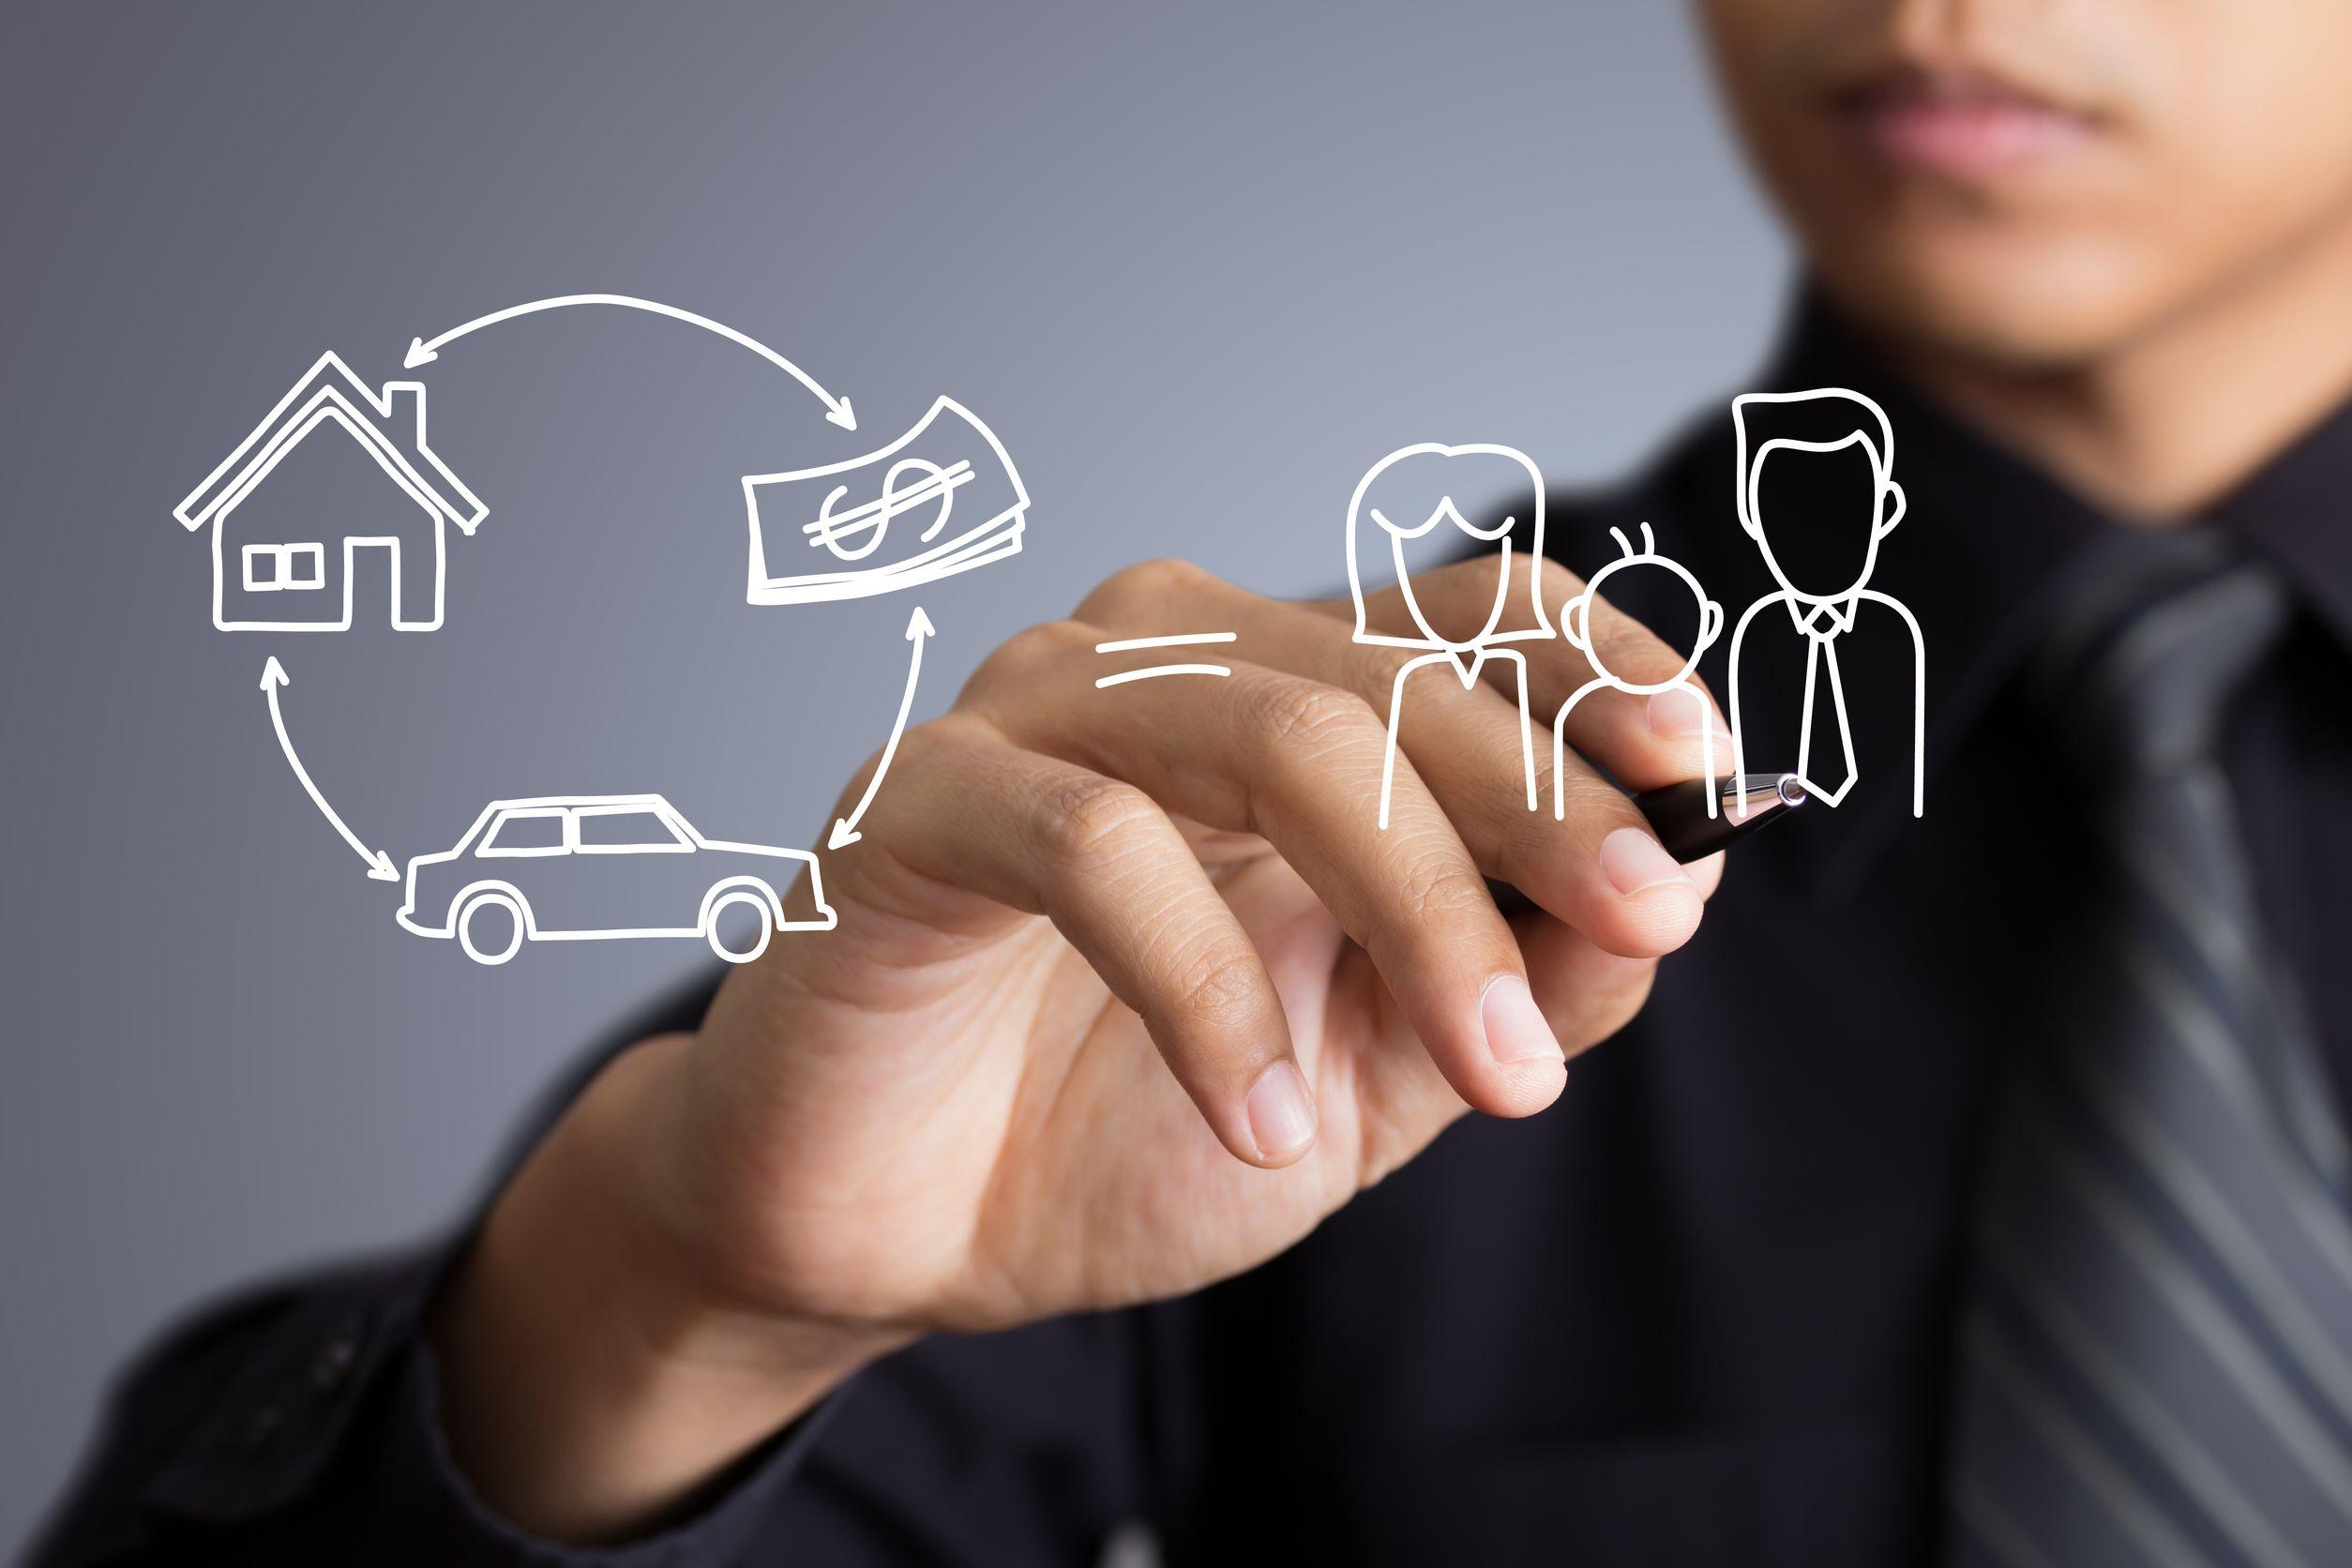 Assurance prêt immobilier : où souscrire une assurance pret immobilier